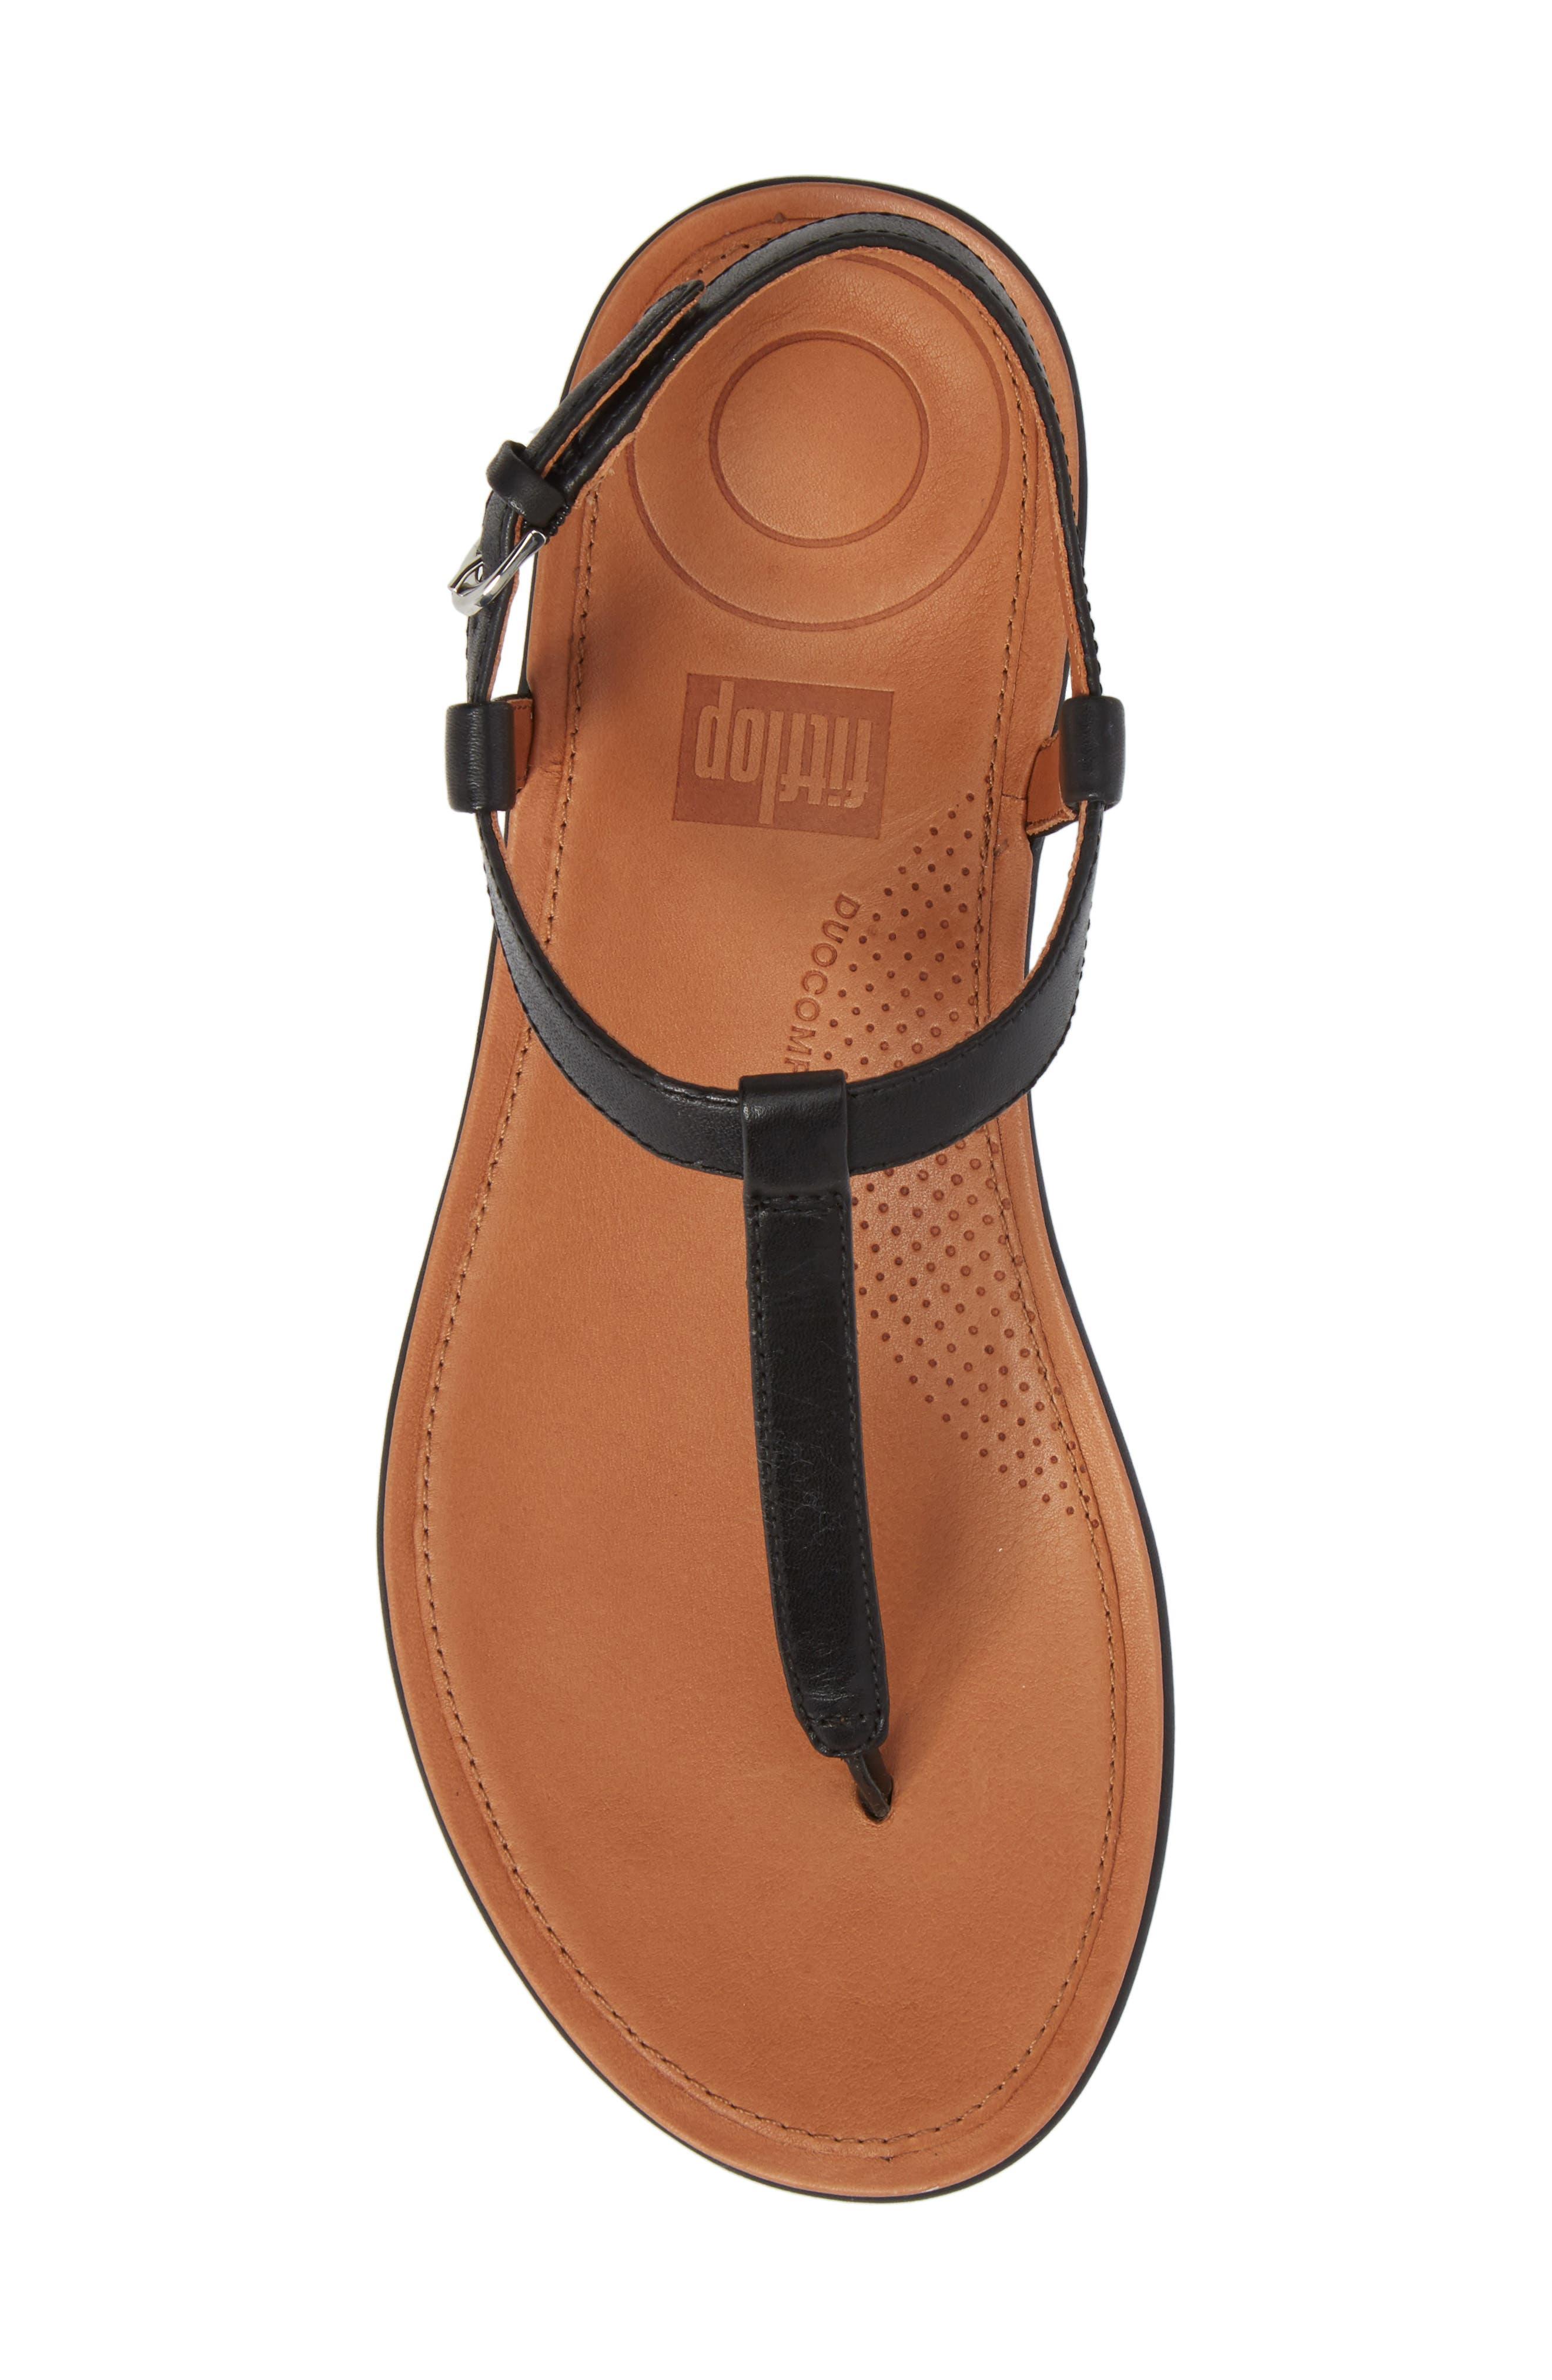 Tia Thong Sandal,                             Alternate thumbnail 5, color,                             Black Leather